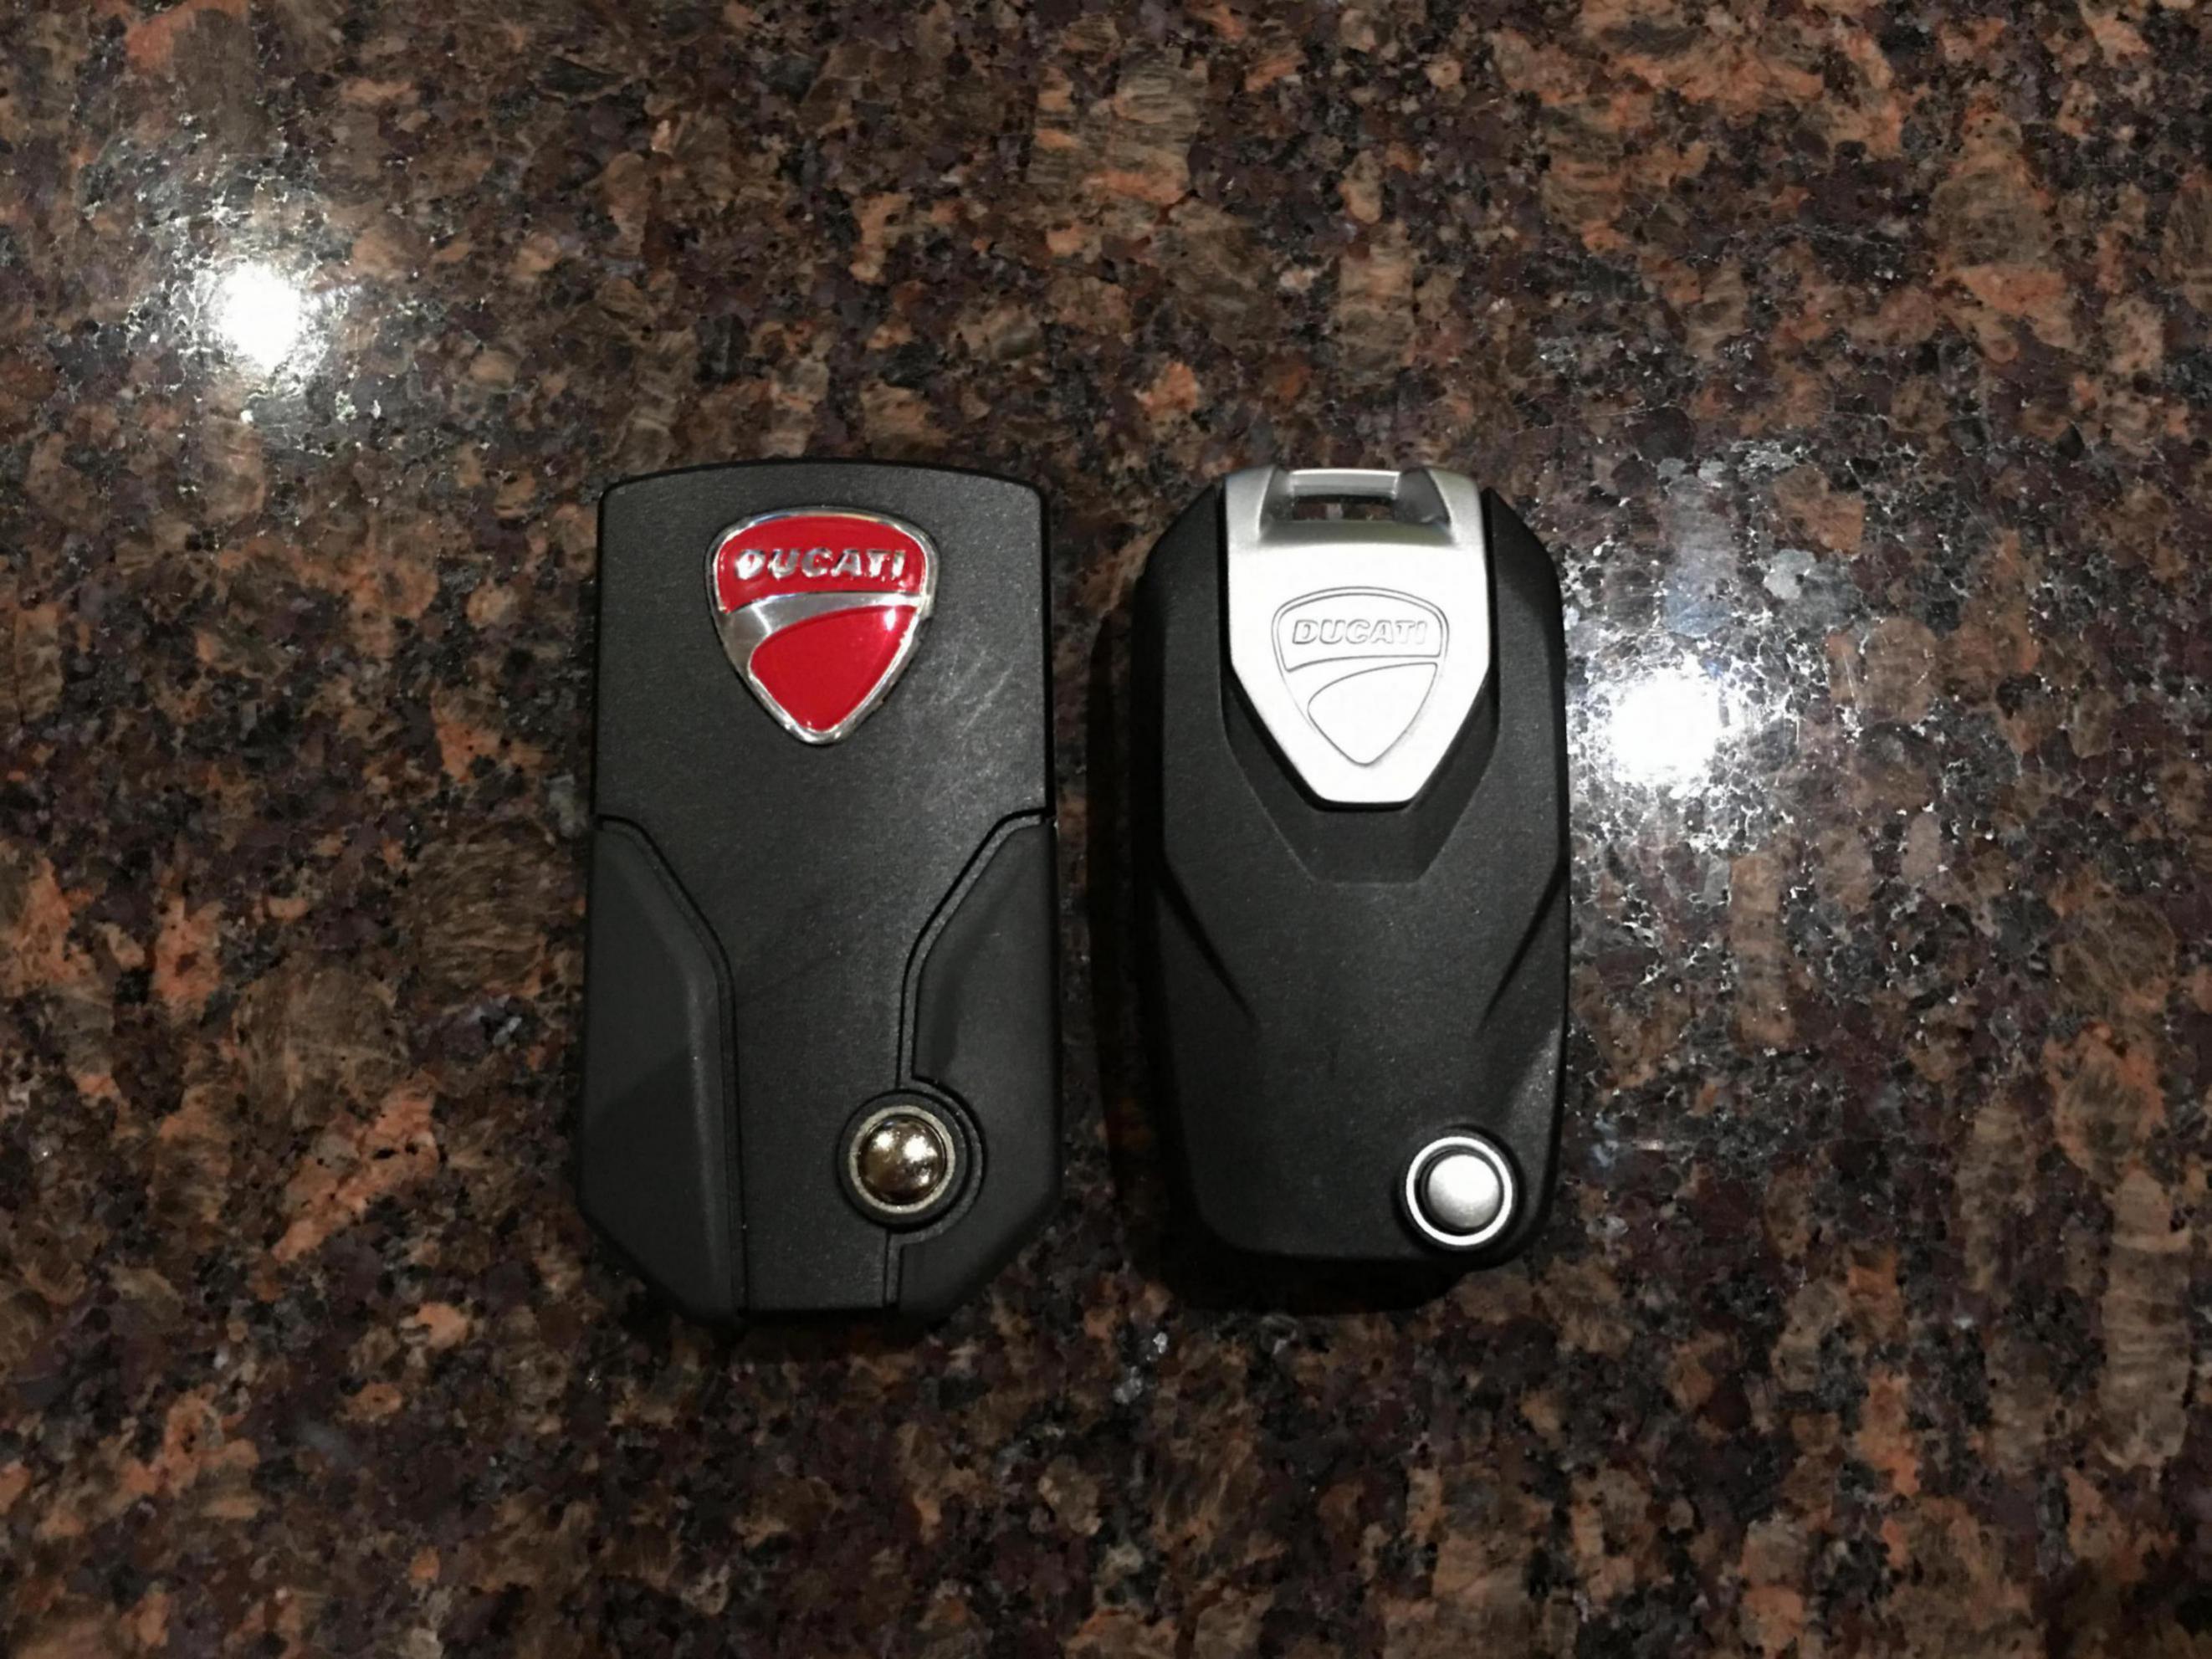 Ducati Diavel Key Fob